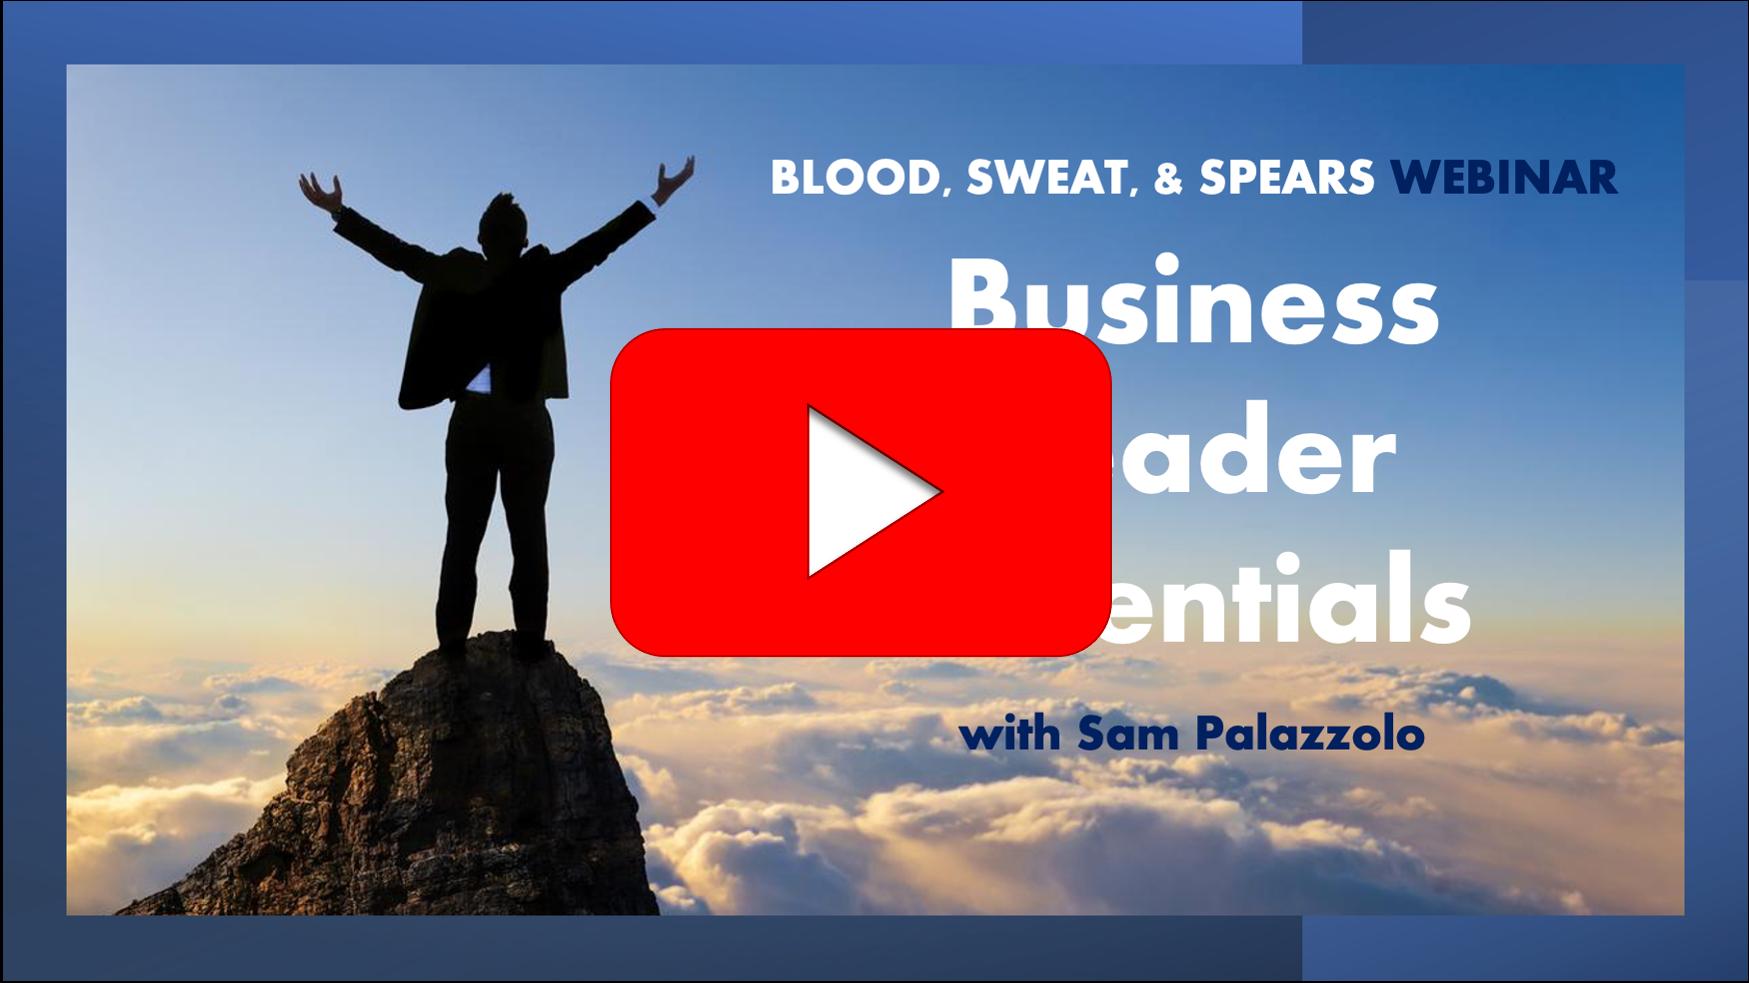 BSS_Webinar_Business Leader Essentials_YouTube